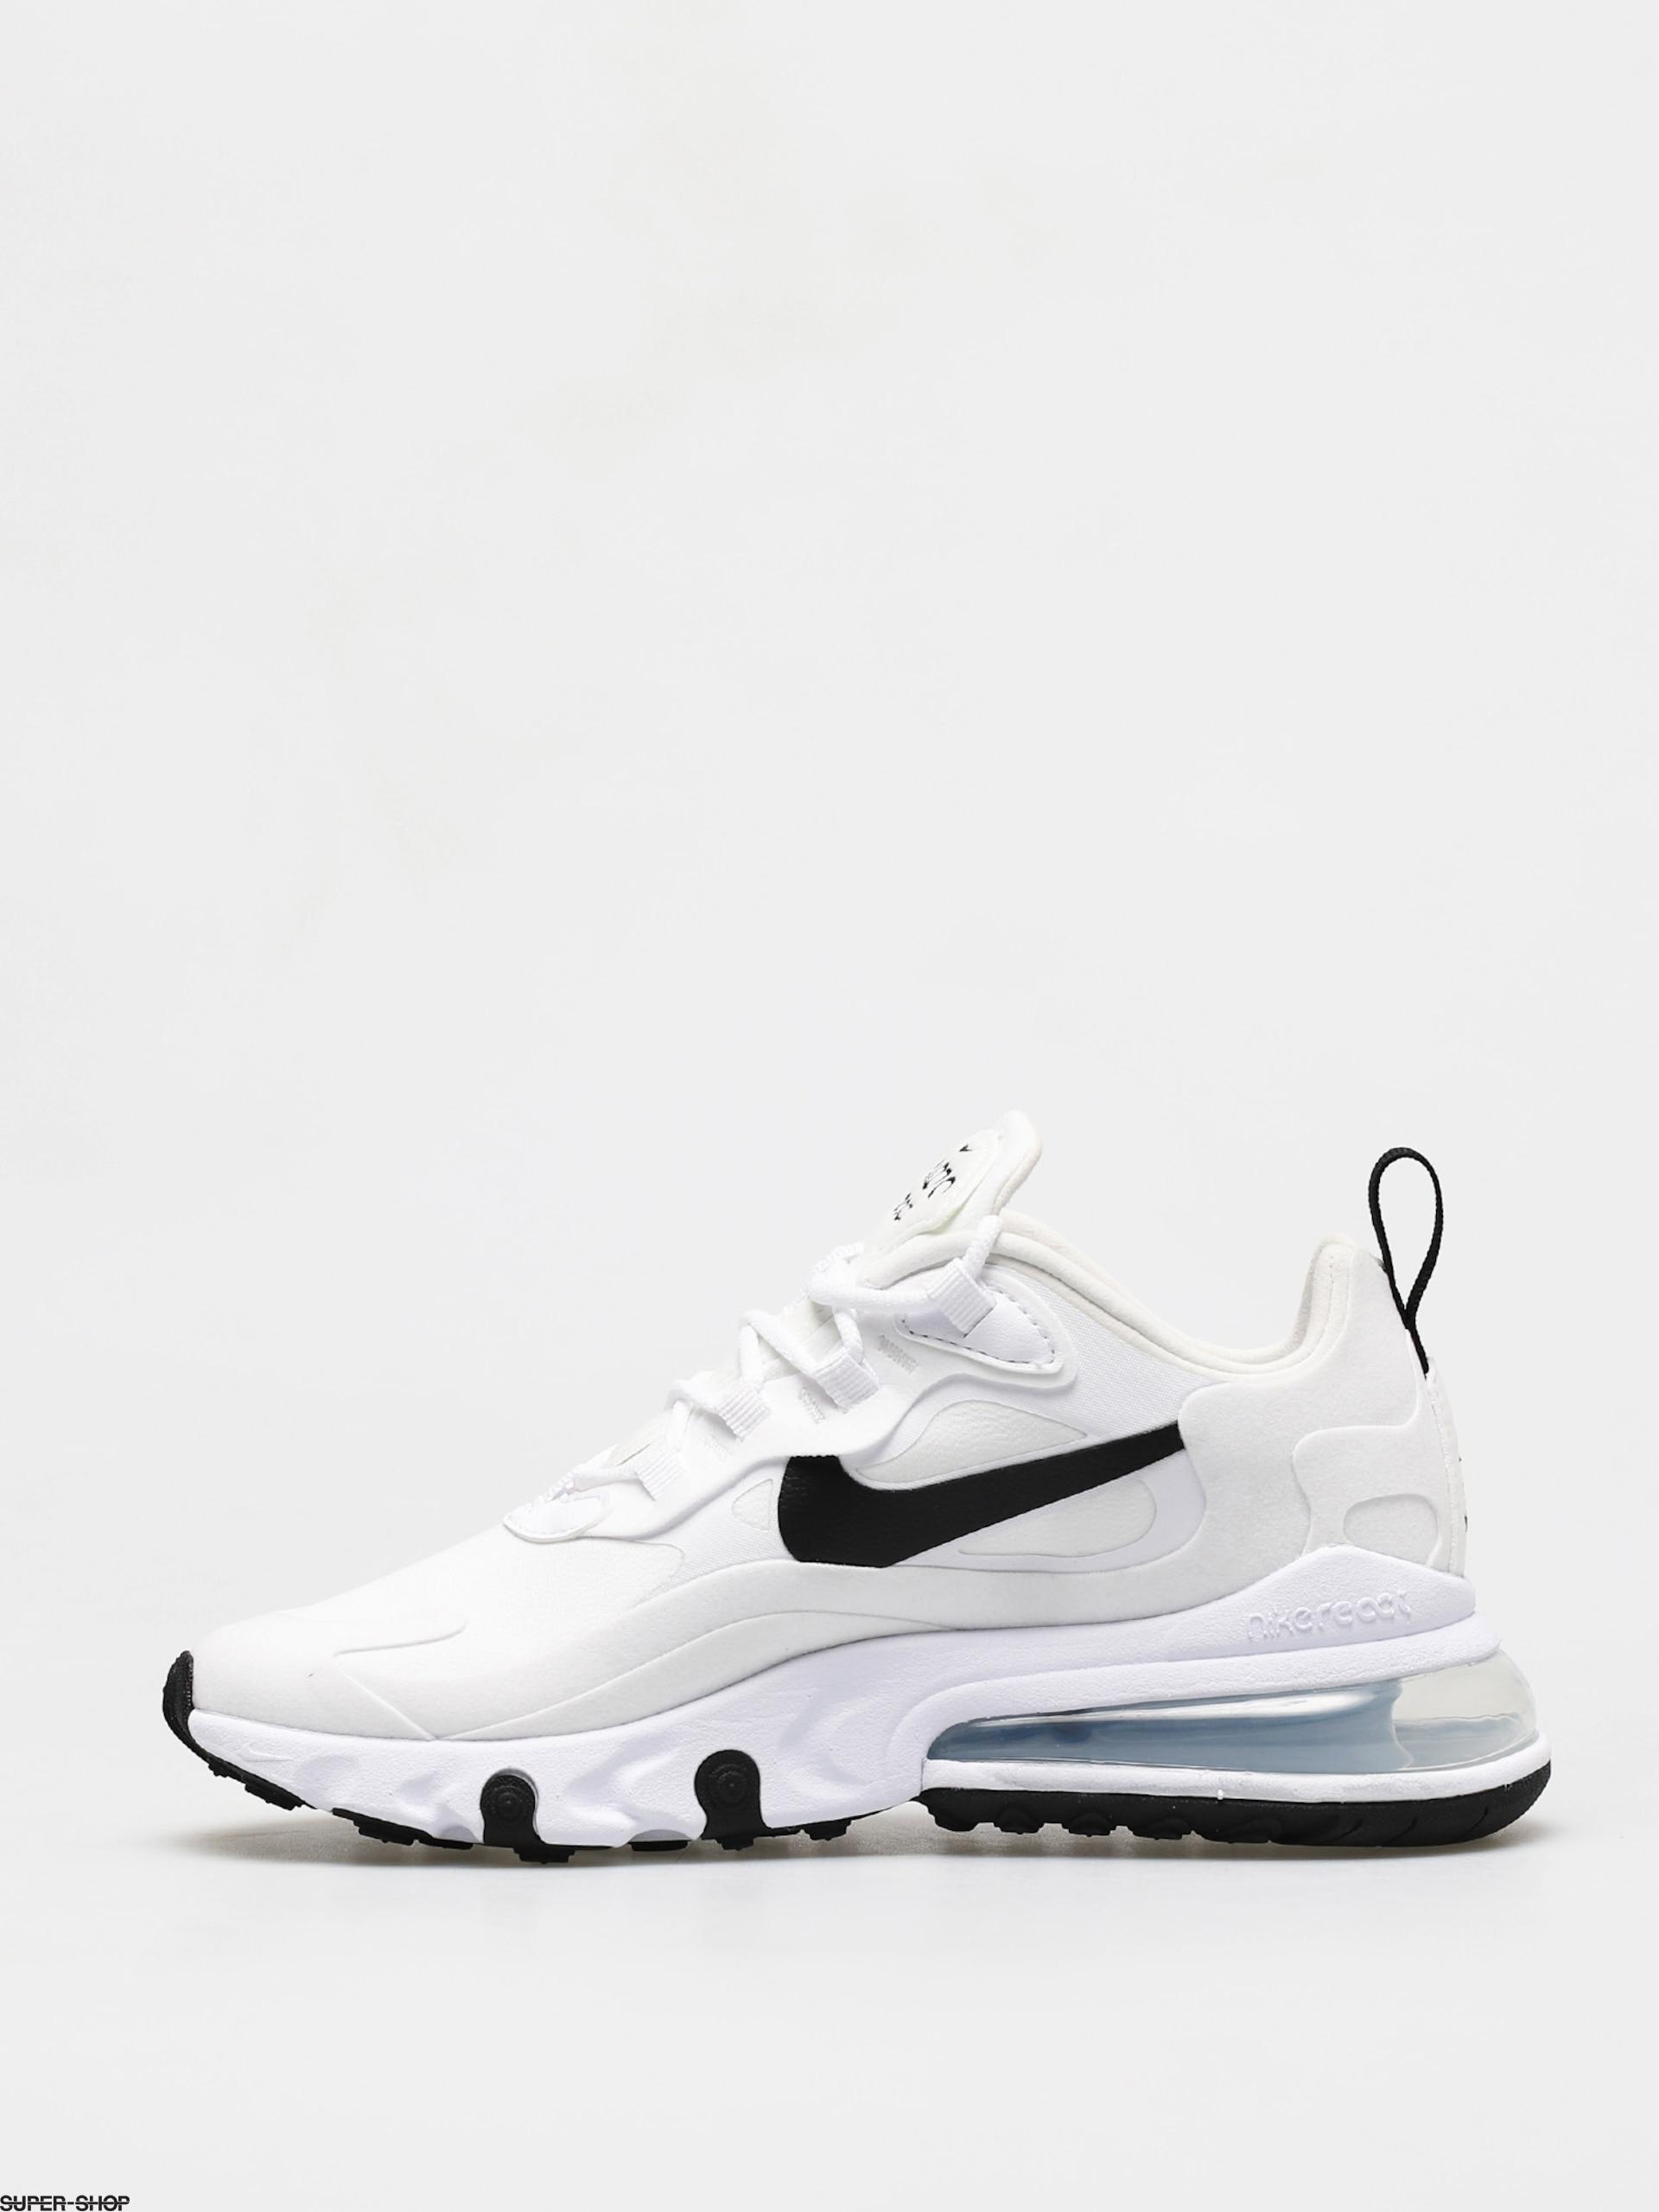 Nike Air Max 270 React Shoes Wmn (white